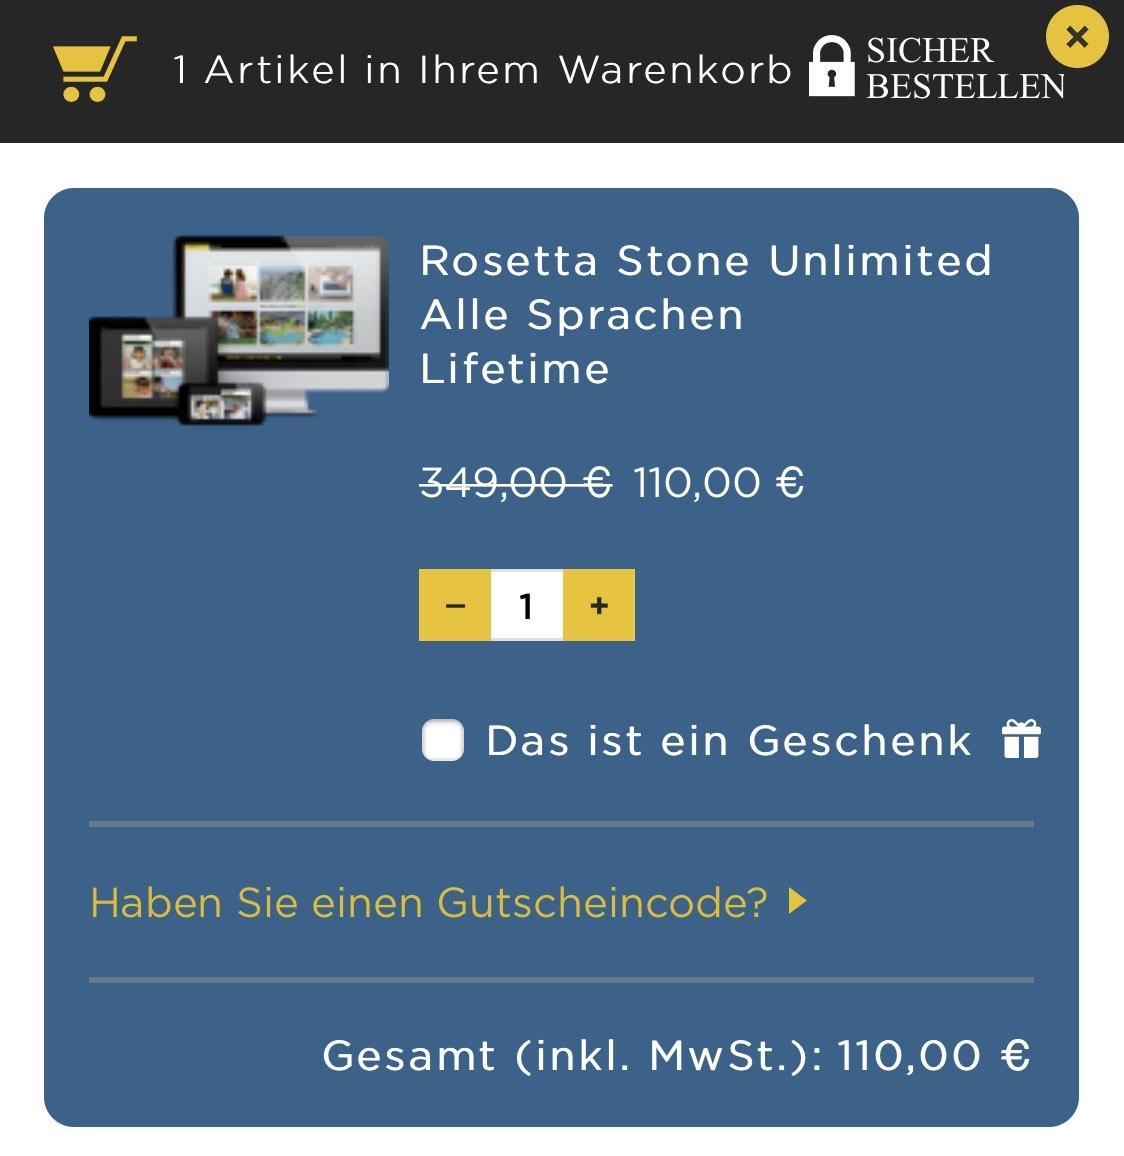 Rosetta Stone Unlimited 24 Sprachen lebenslang für 110€